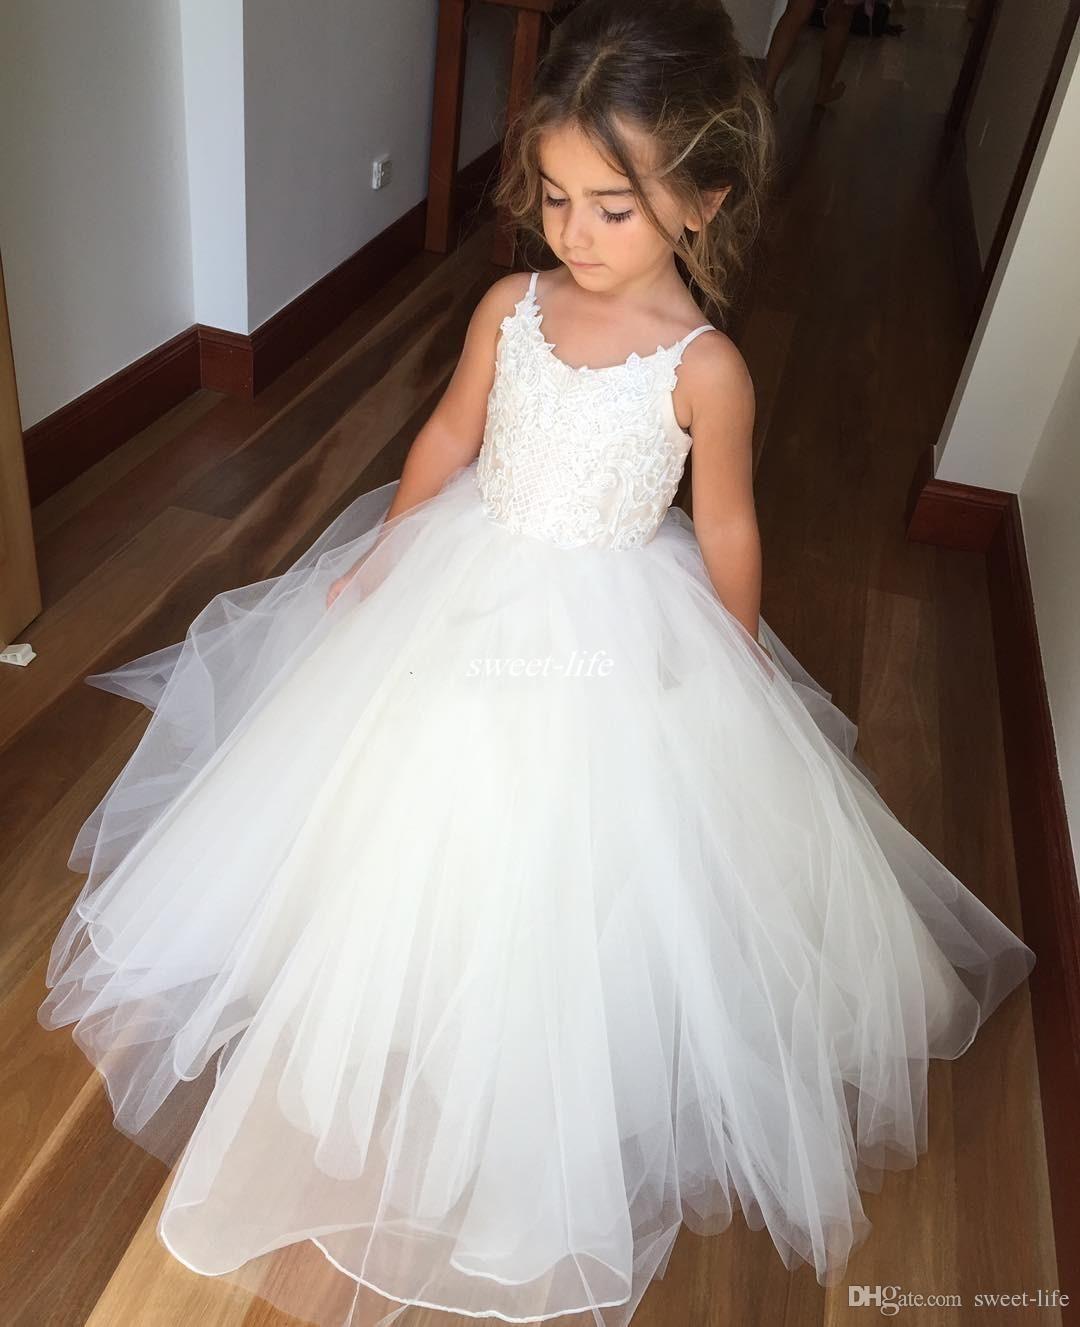 White Ball Gown Tulle Flower Girl Dresses for Vintage